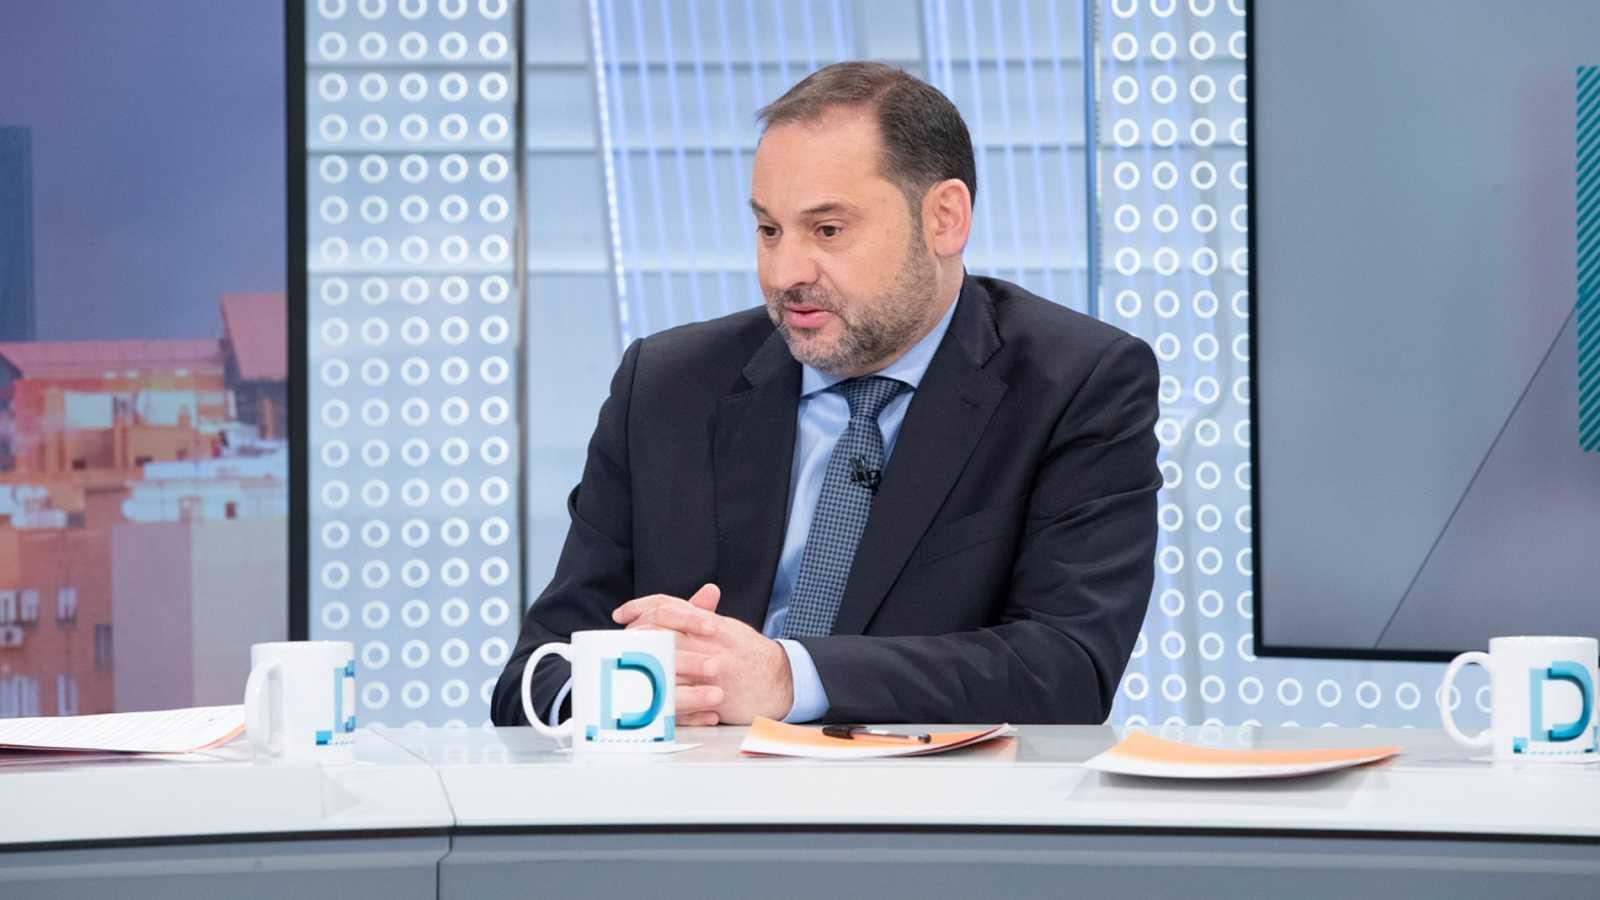 """Ábalos sitúa a finales de junio la reactivación del turismo extranjero """"con origen y destino sano"""""""